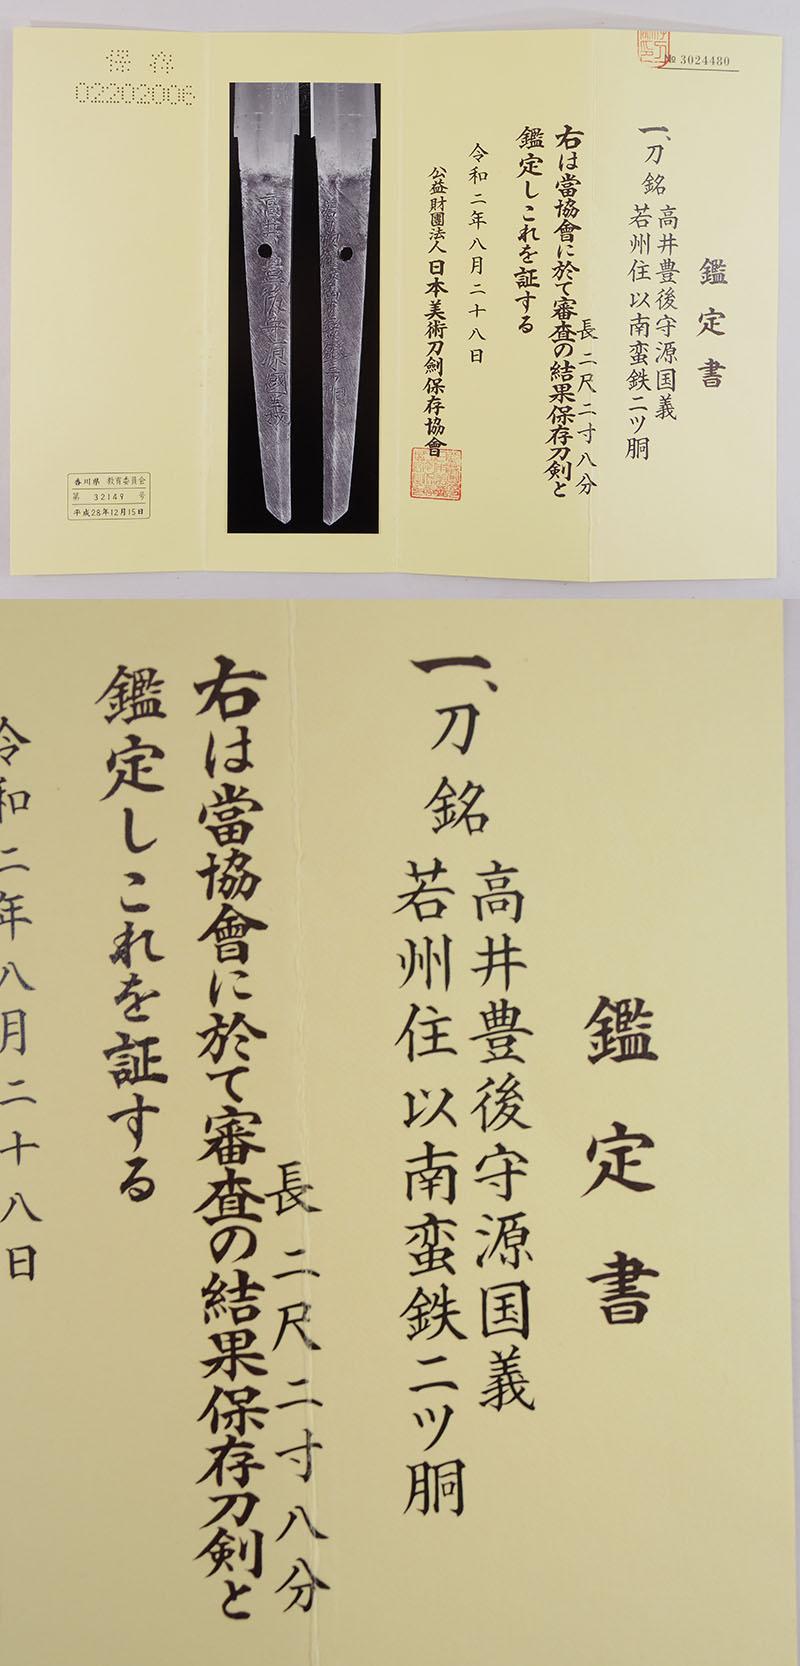 刀 高井豊後守源国義 (業物)  若州住以南蛮鉄二ツ胴 (裁断) Picture of Certificate